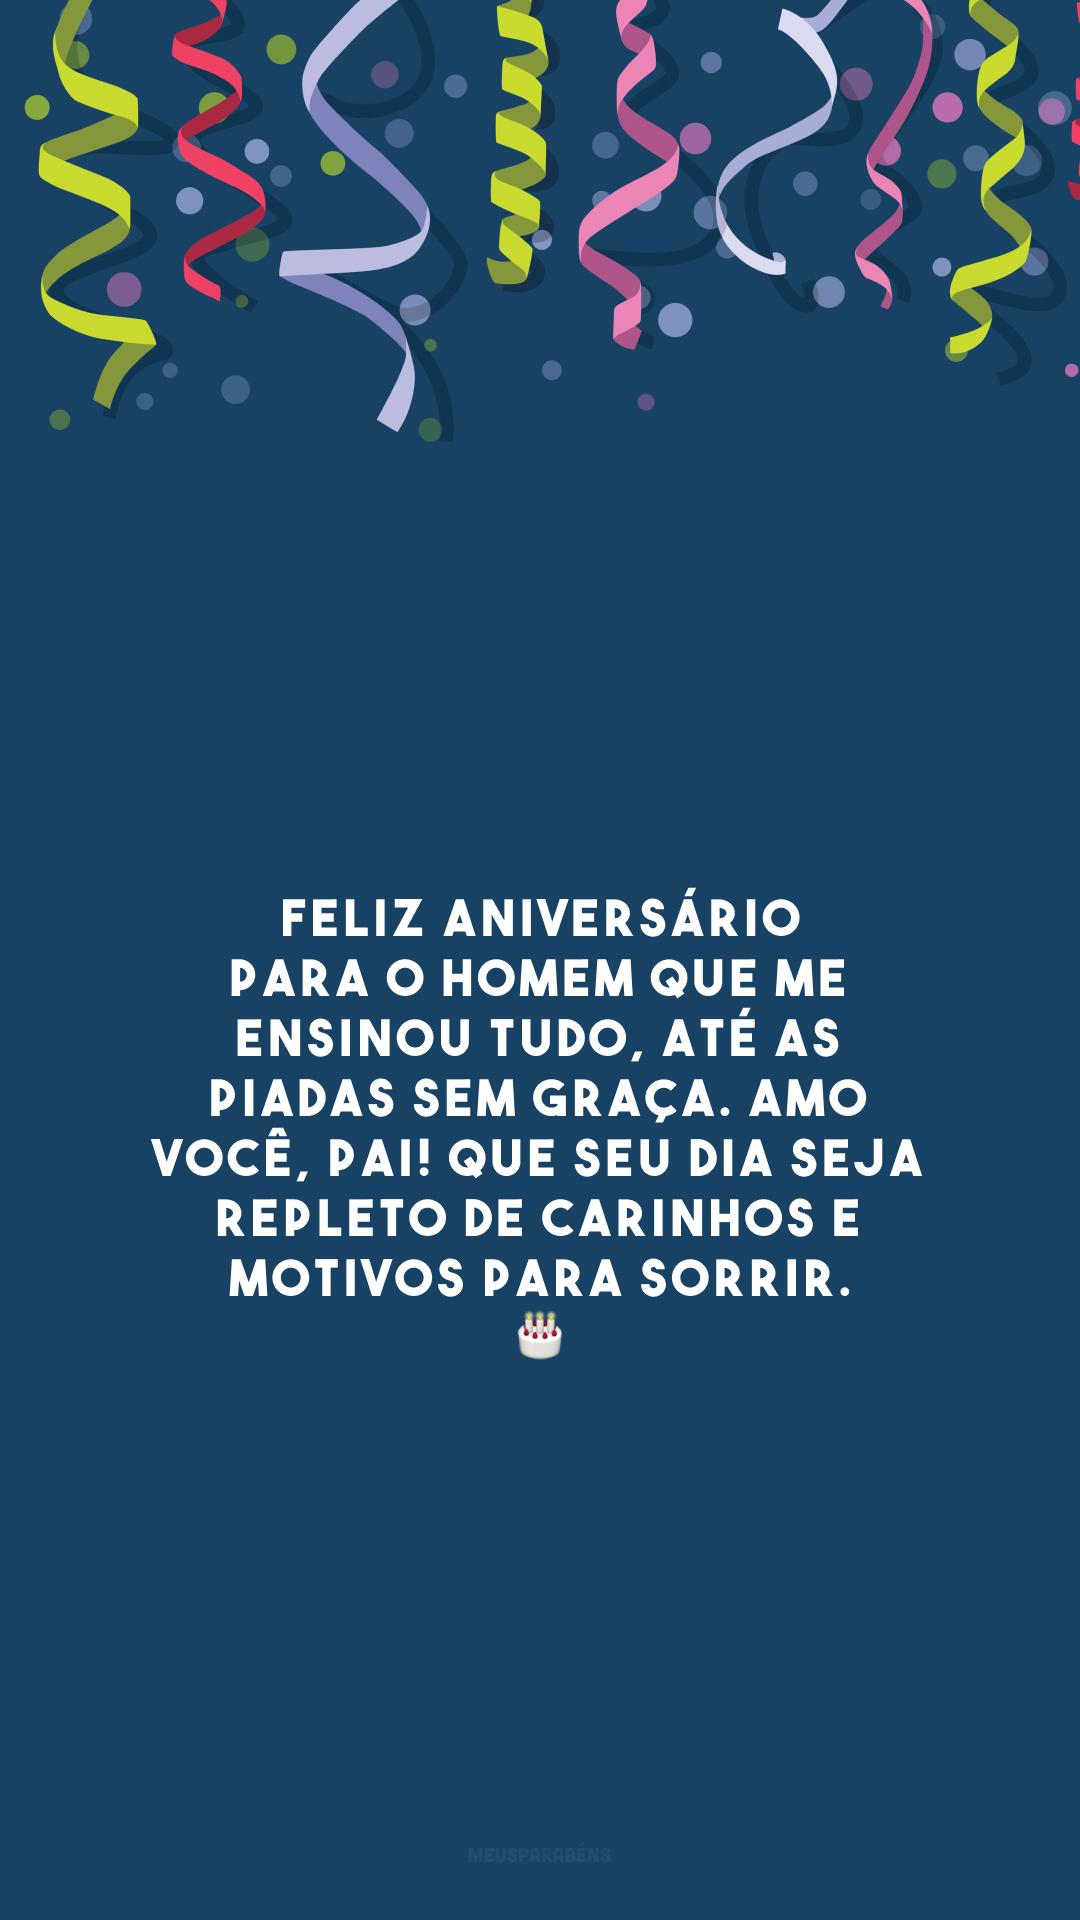 Feliz aniversário para o homem que me ensinou tudo, até as piadas sem graça. Amo você, pai! Que seu dia seja repleto de carinhos e motivos para sorrir. 🎂